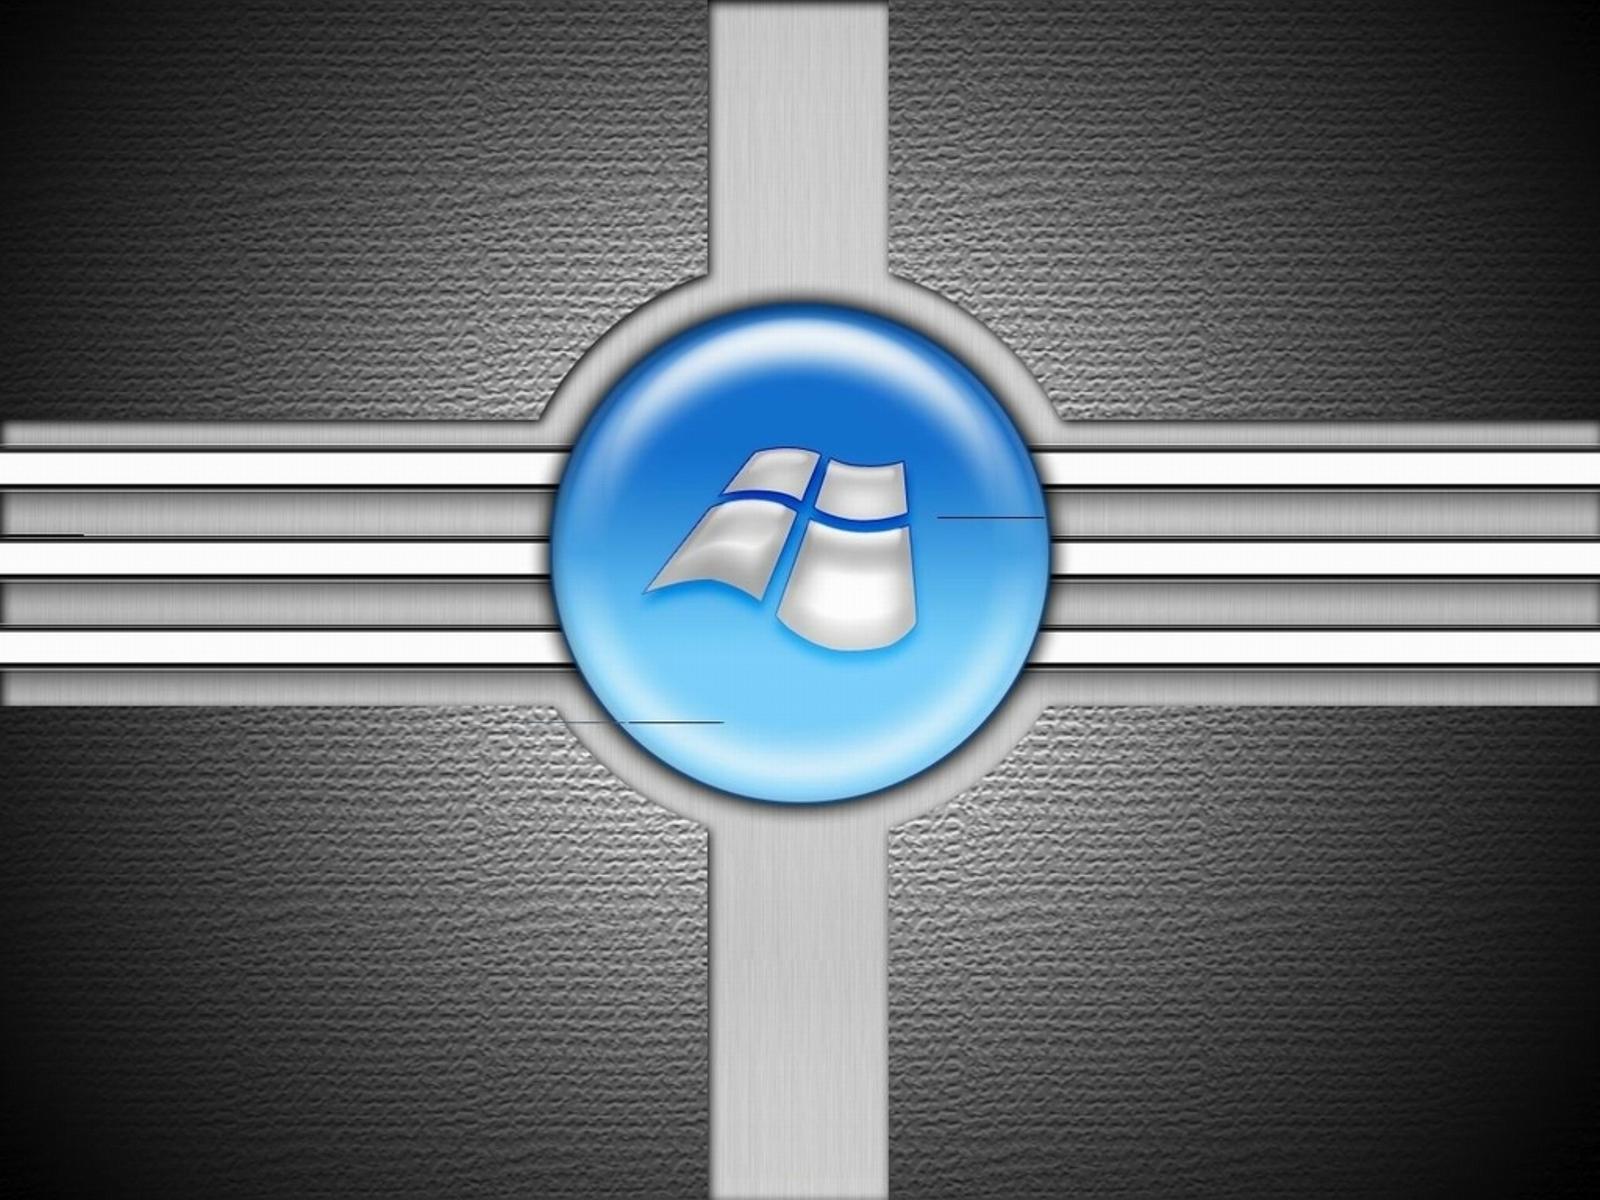 http://3.bp.blogspot.com/-OTla-woefe8/UFDsaXwjO9I/AAAAAAAAETA/I4eIpJTTsGo/s1600/8.jpg